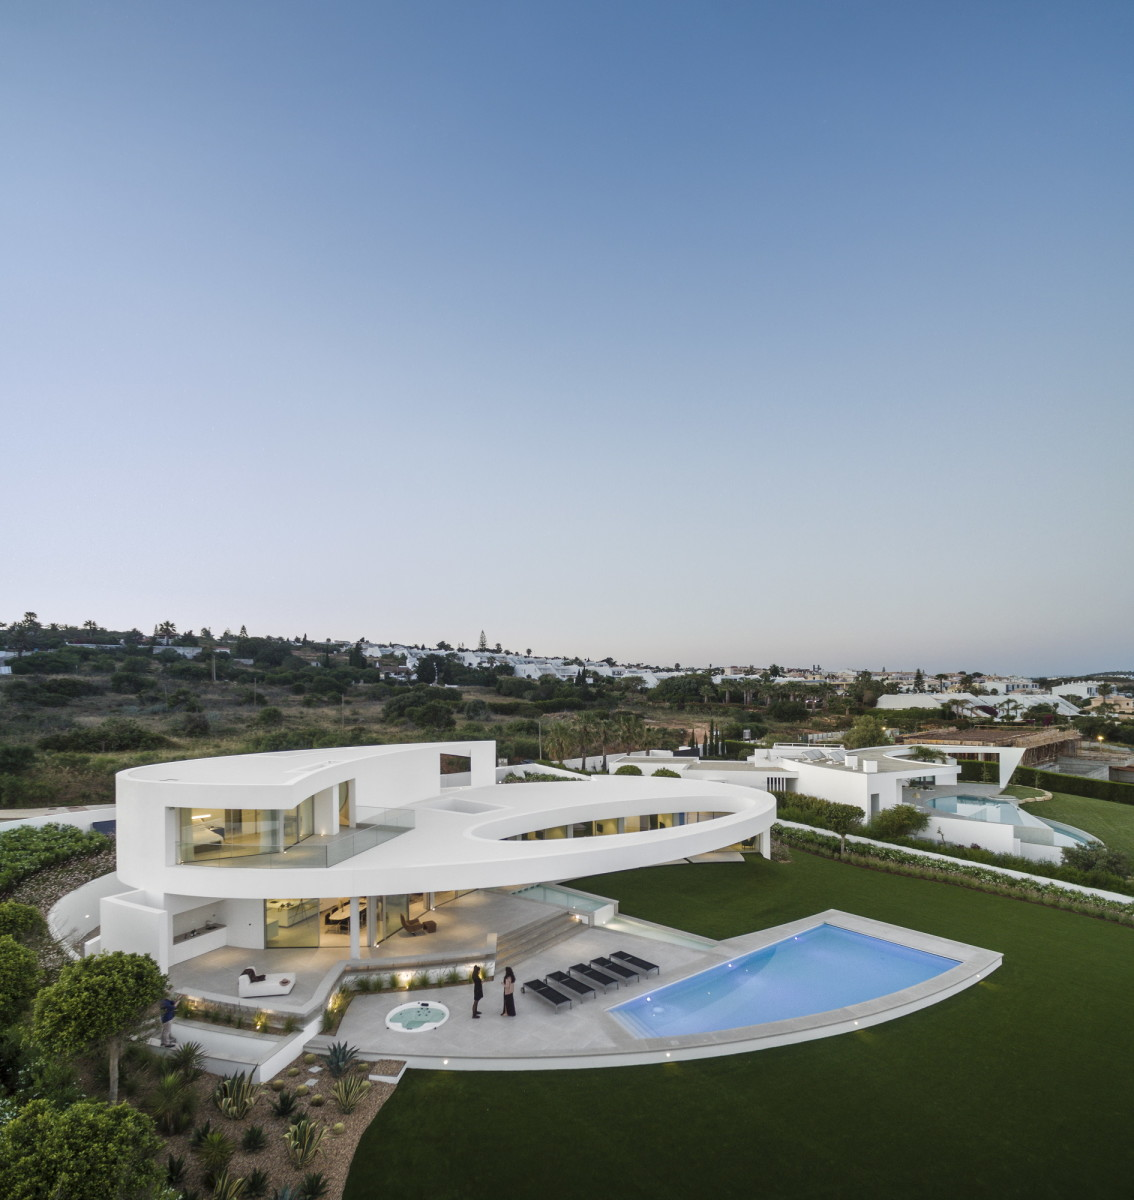 Fernando Guerra FG+SG Architectural Photography